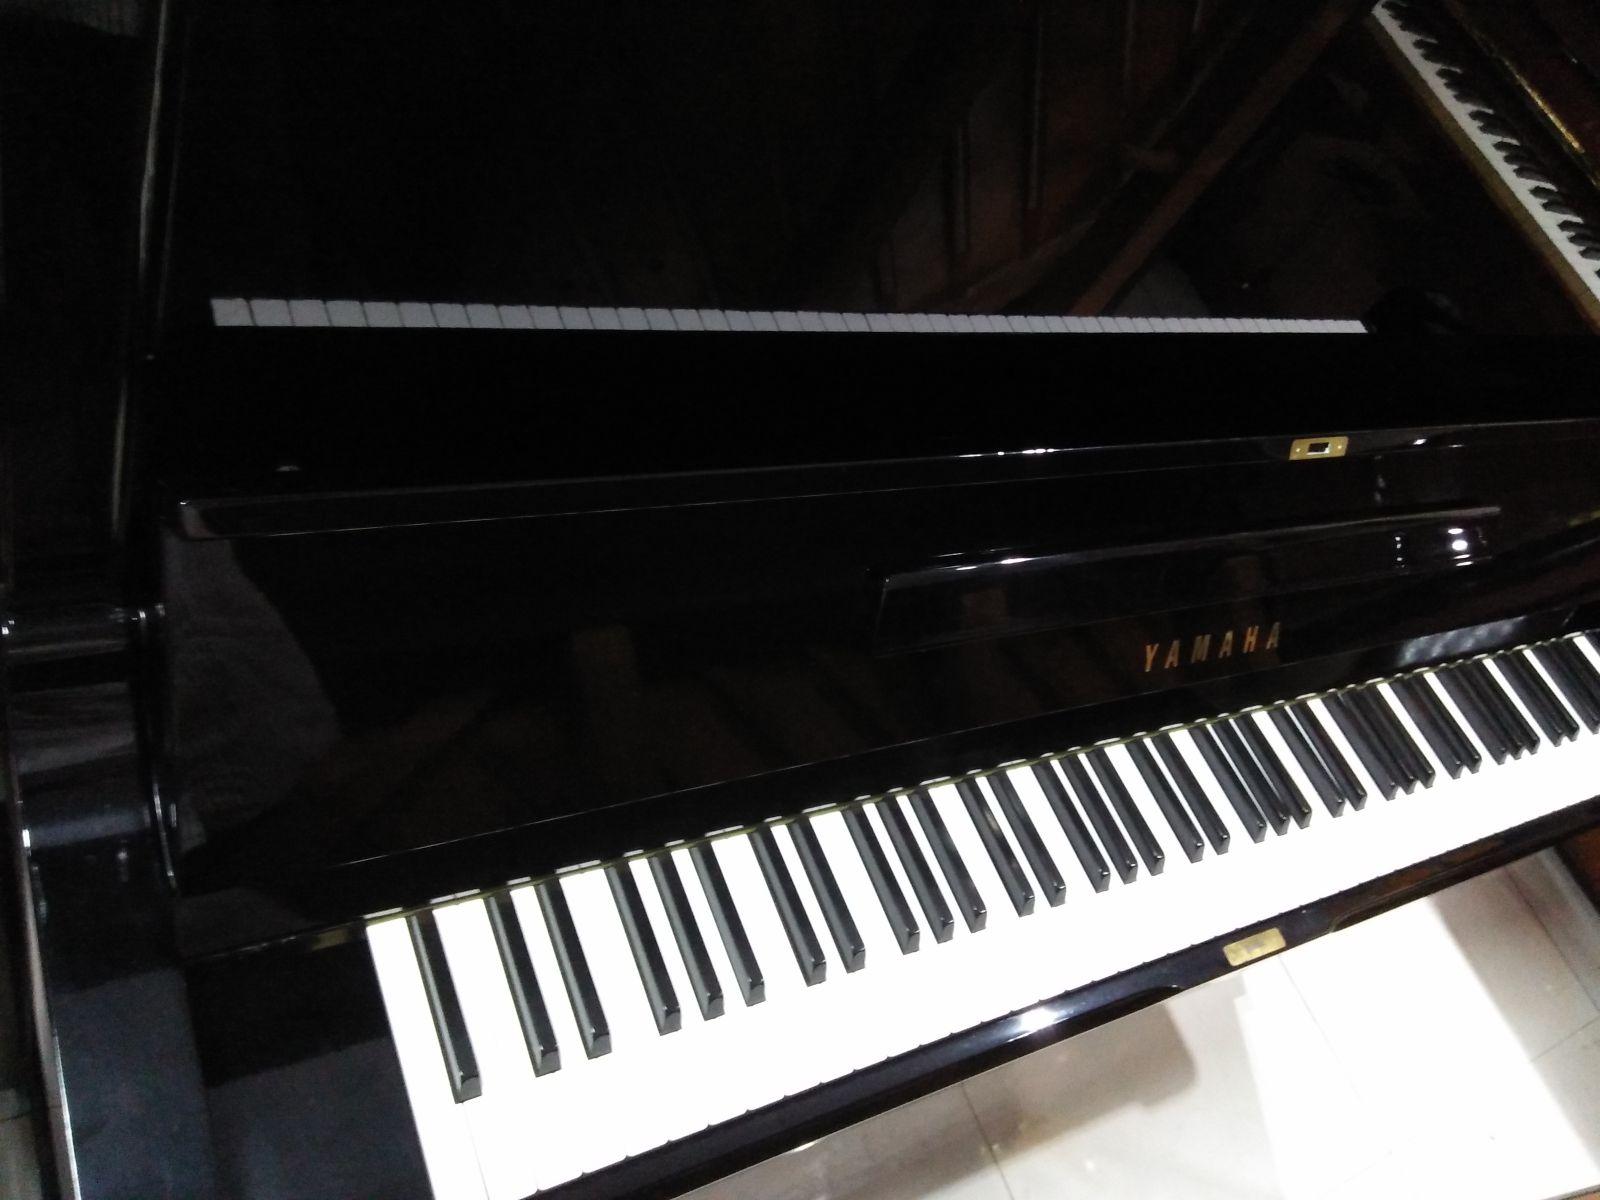 Đàn piano cơ yamaha U3a- thế giới nhạc cụ Minh Phụng